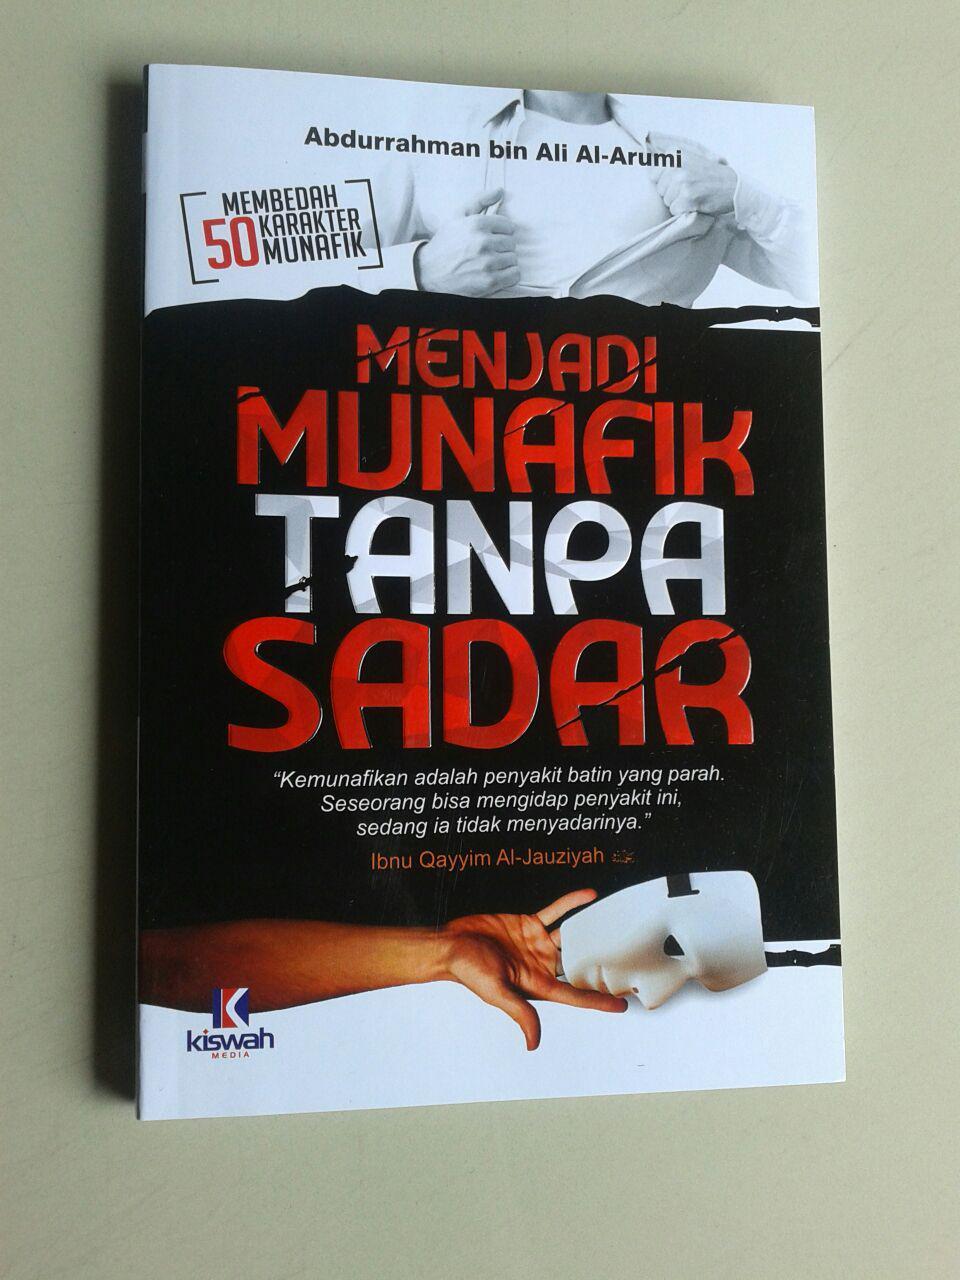 Buku Menjadi Munafik Tanpa Sadar Membedah 50 Karakter Munafik cover